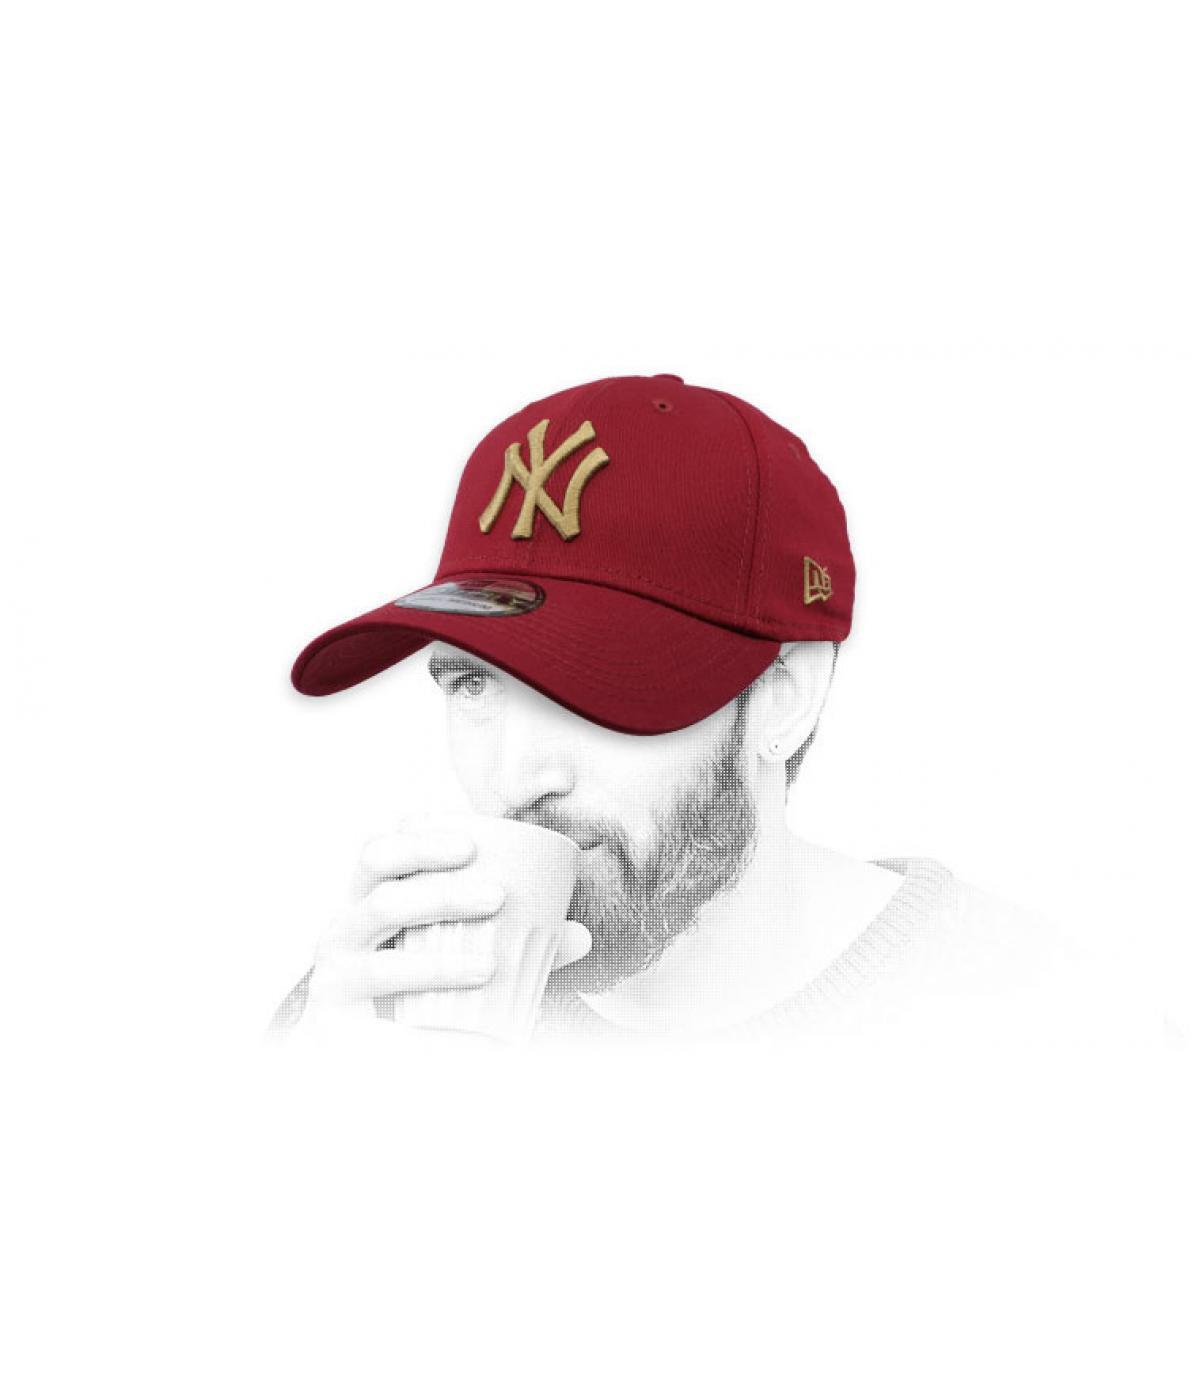 berretto NY bordeaux